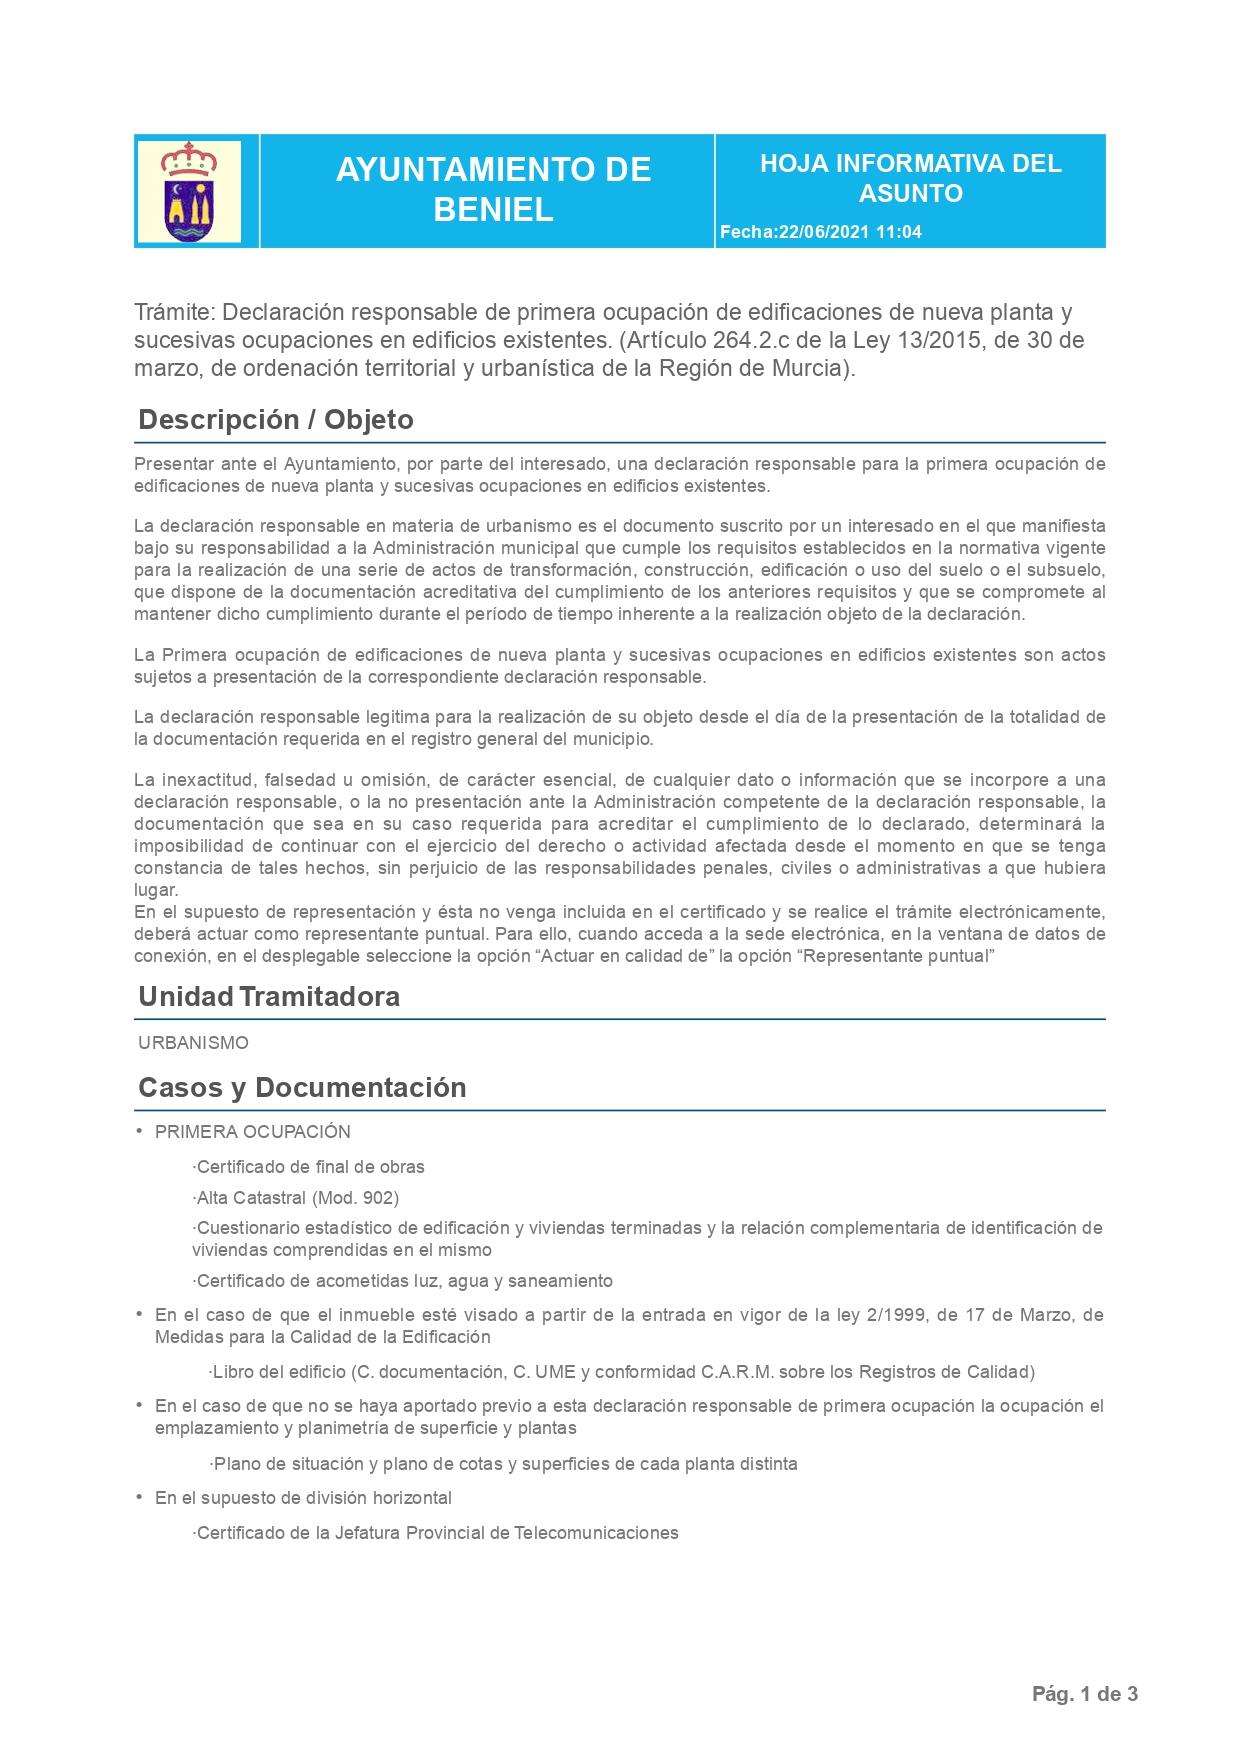 Declaración Responsable Segunda Ocupación Beniel